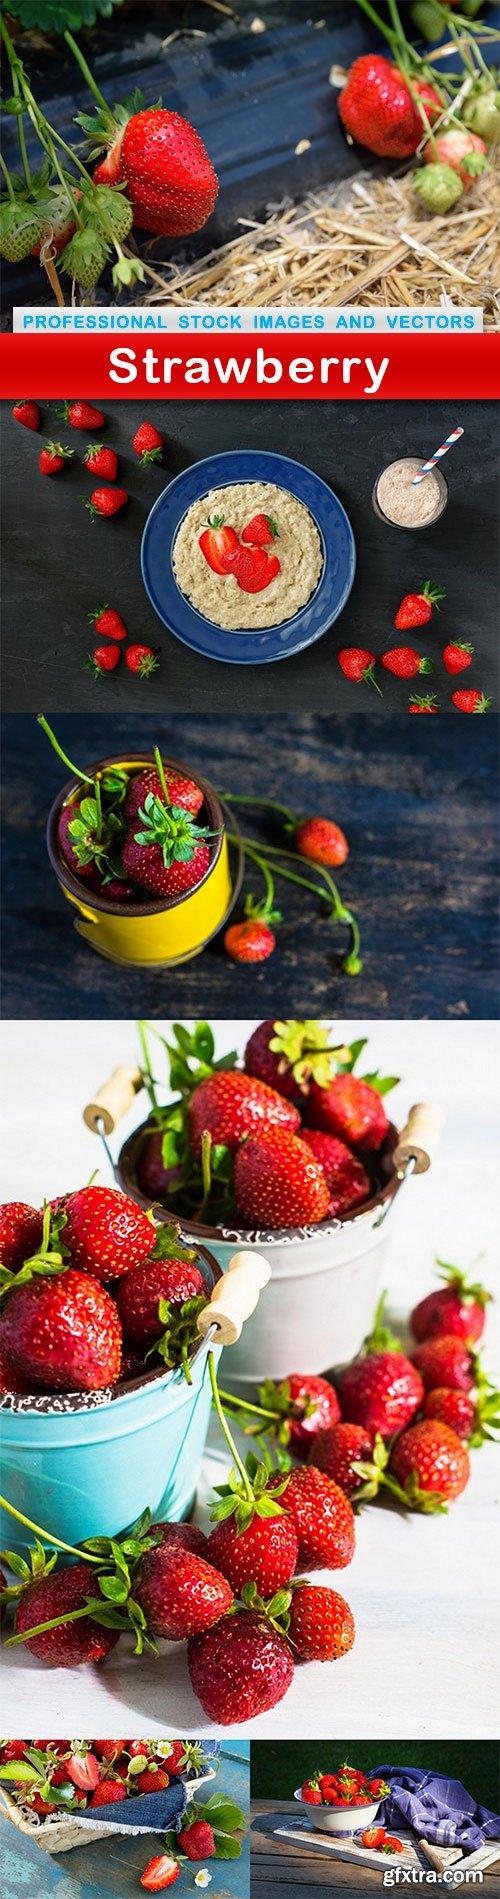 Strawberry - 6 UHQ JPEG